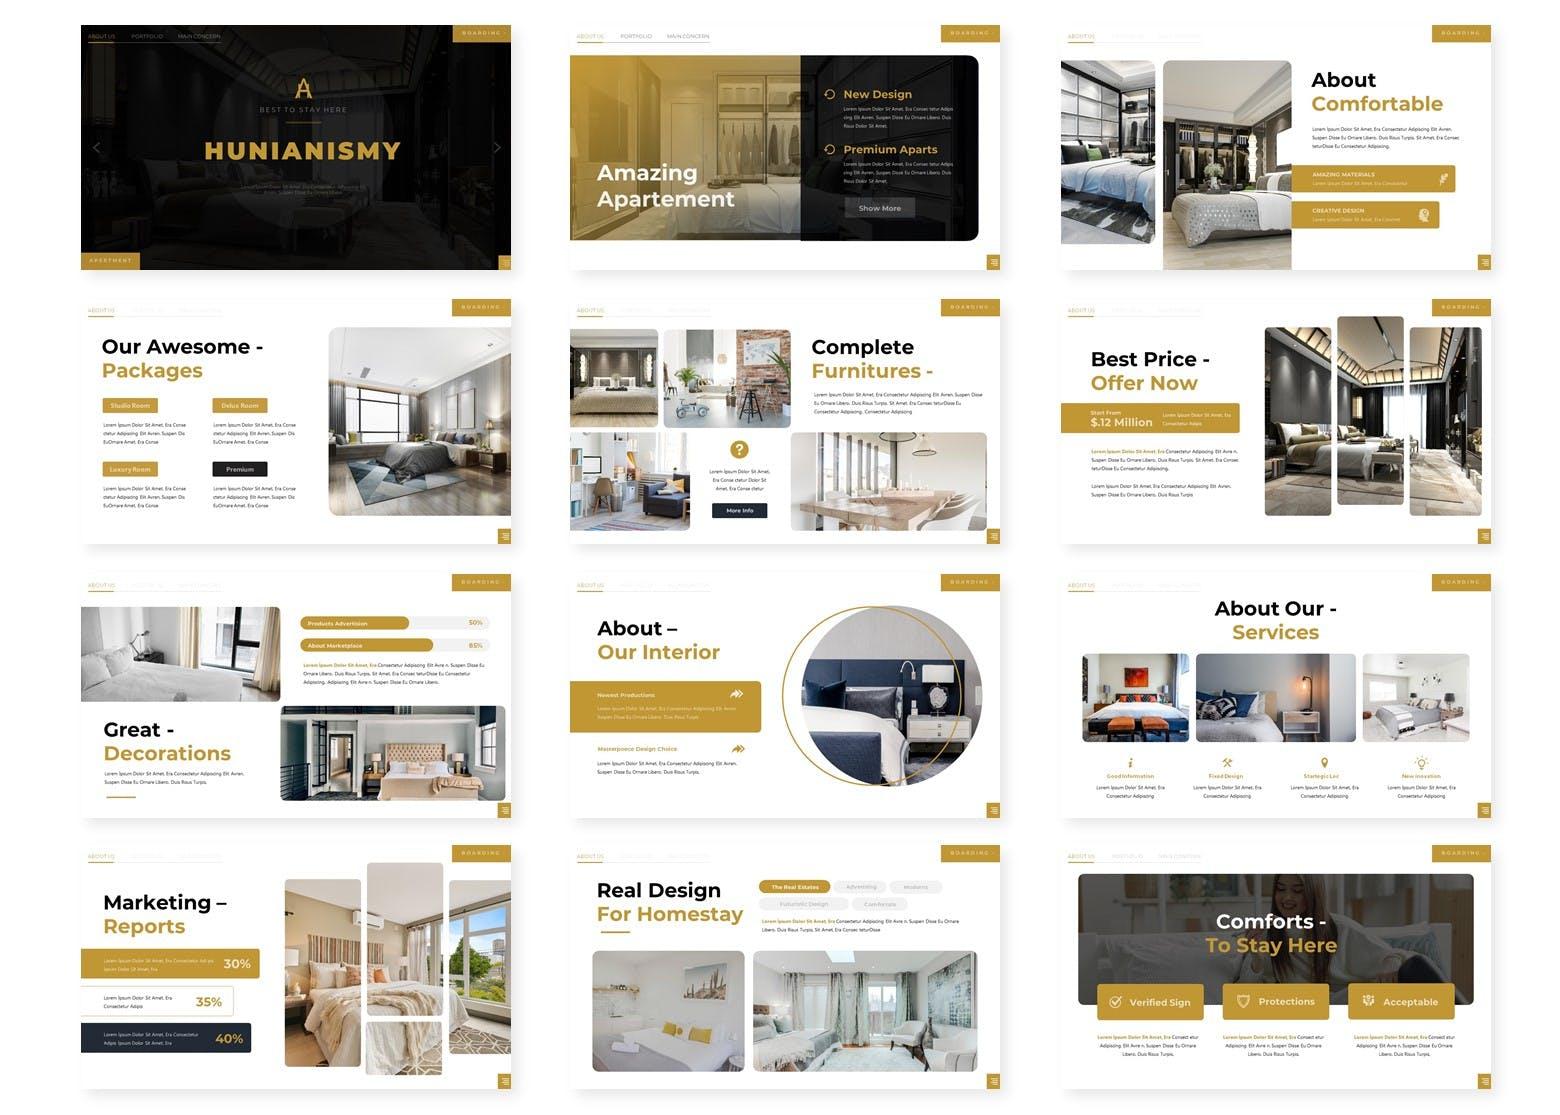 酒店品牌房间展示PowerPoint演示模板 Hunianismy – Presentation Template设计素材模板